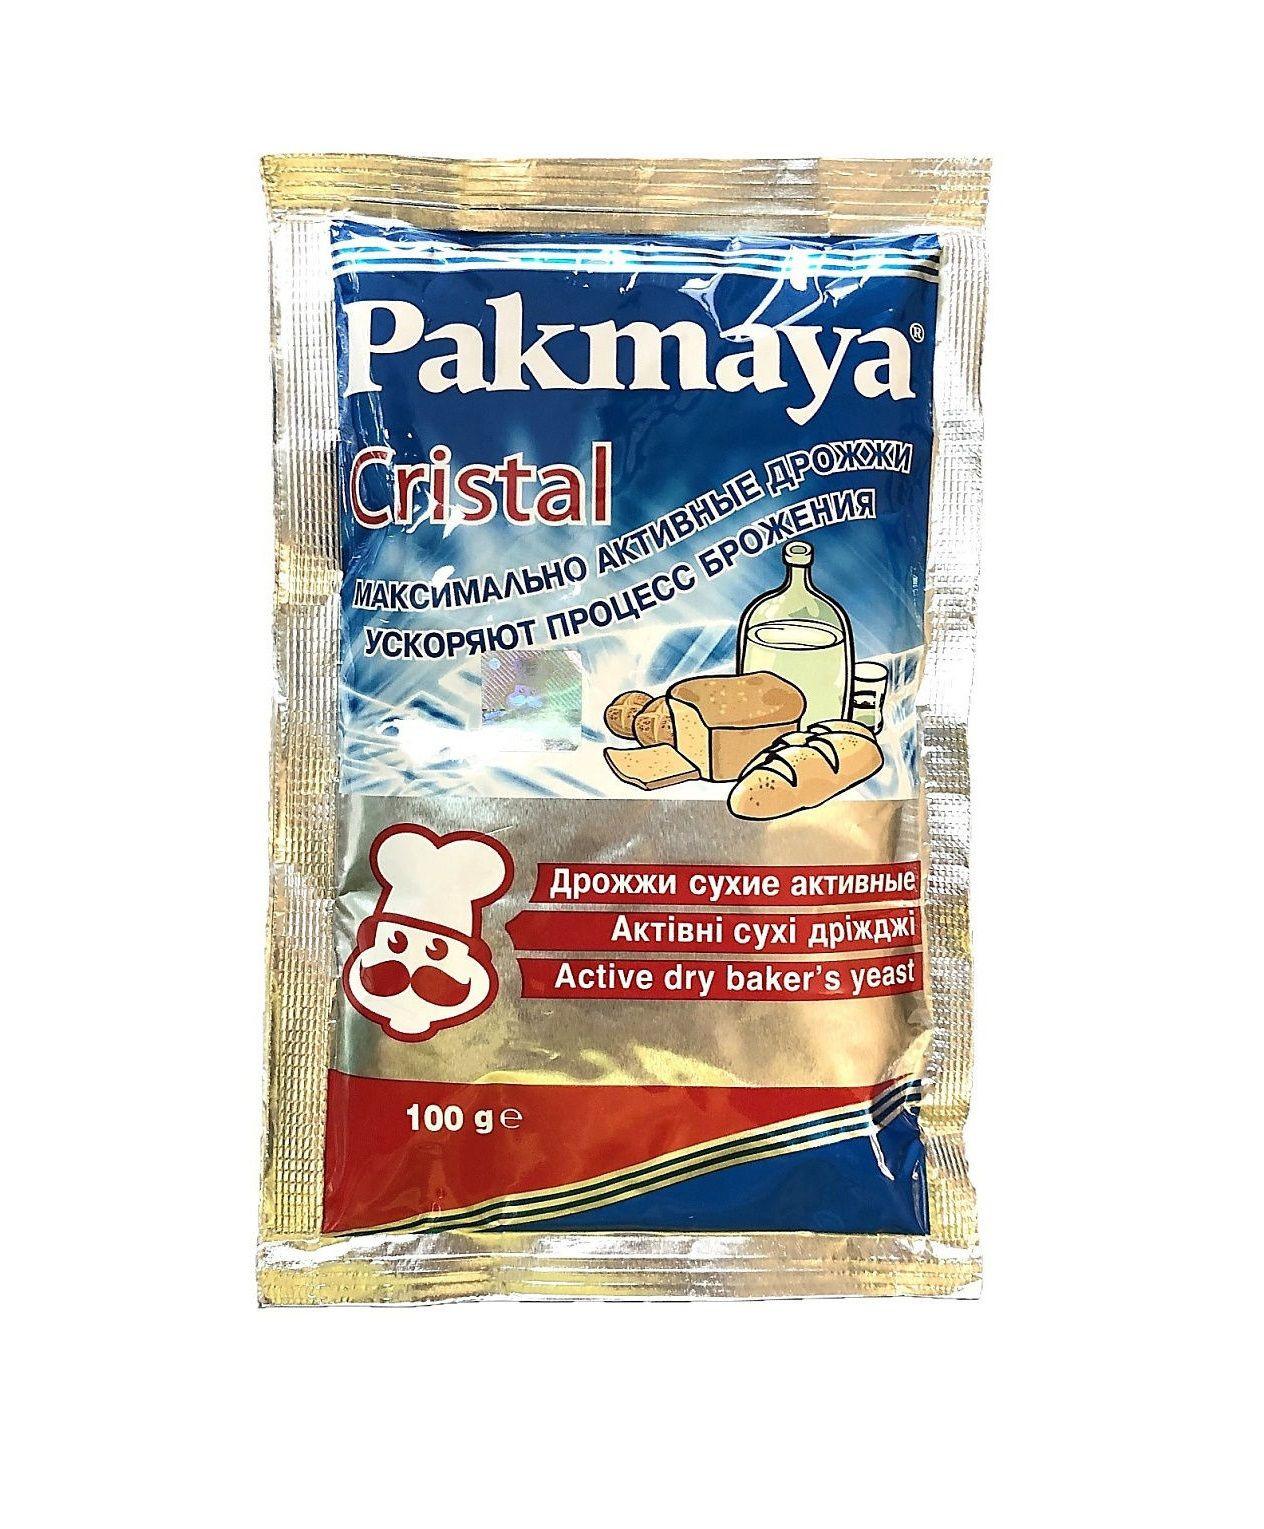 Дрожжи сухие Pakmaya Cristal (Пакмайя Кристал), 100 г